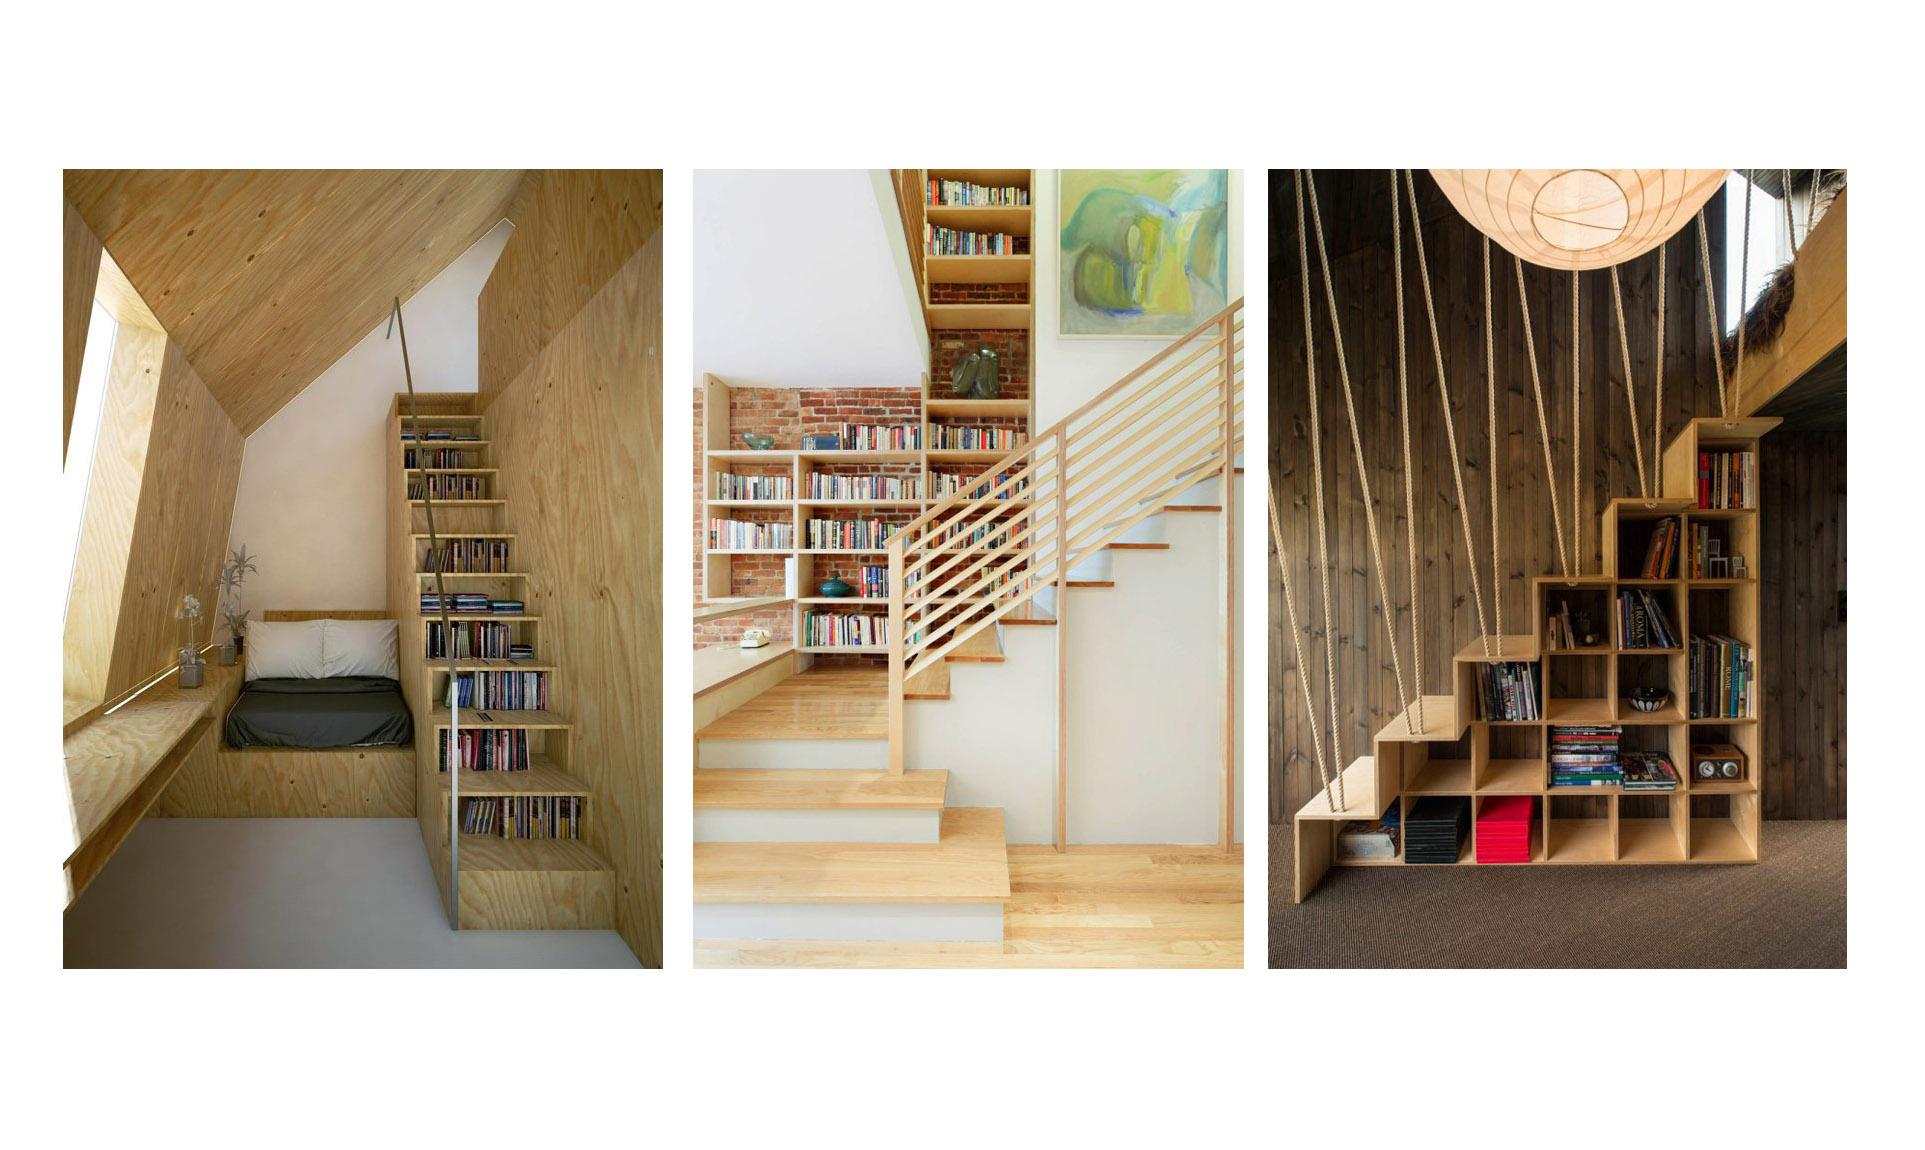 راه هایی خلاقانه برای چیدمان کتاب در داخل و اطراف پله (بخش دوم)